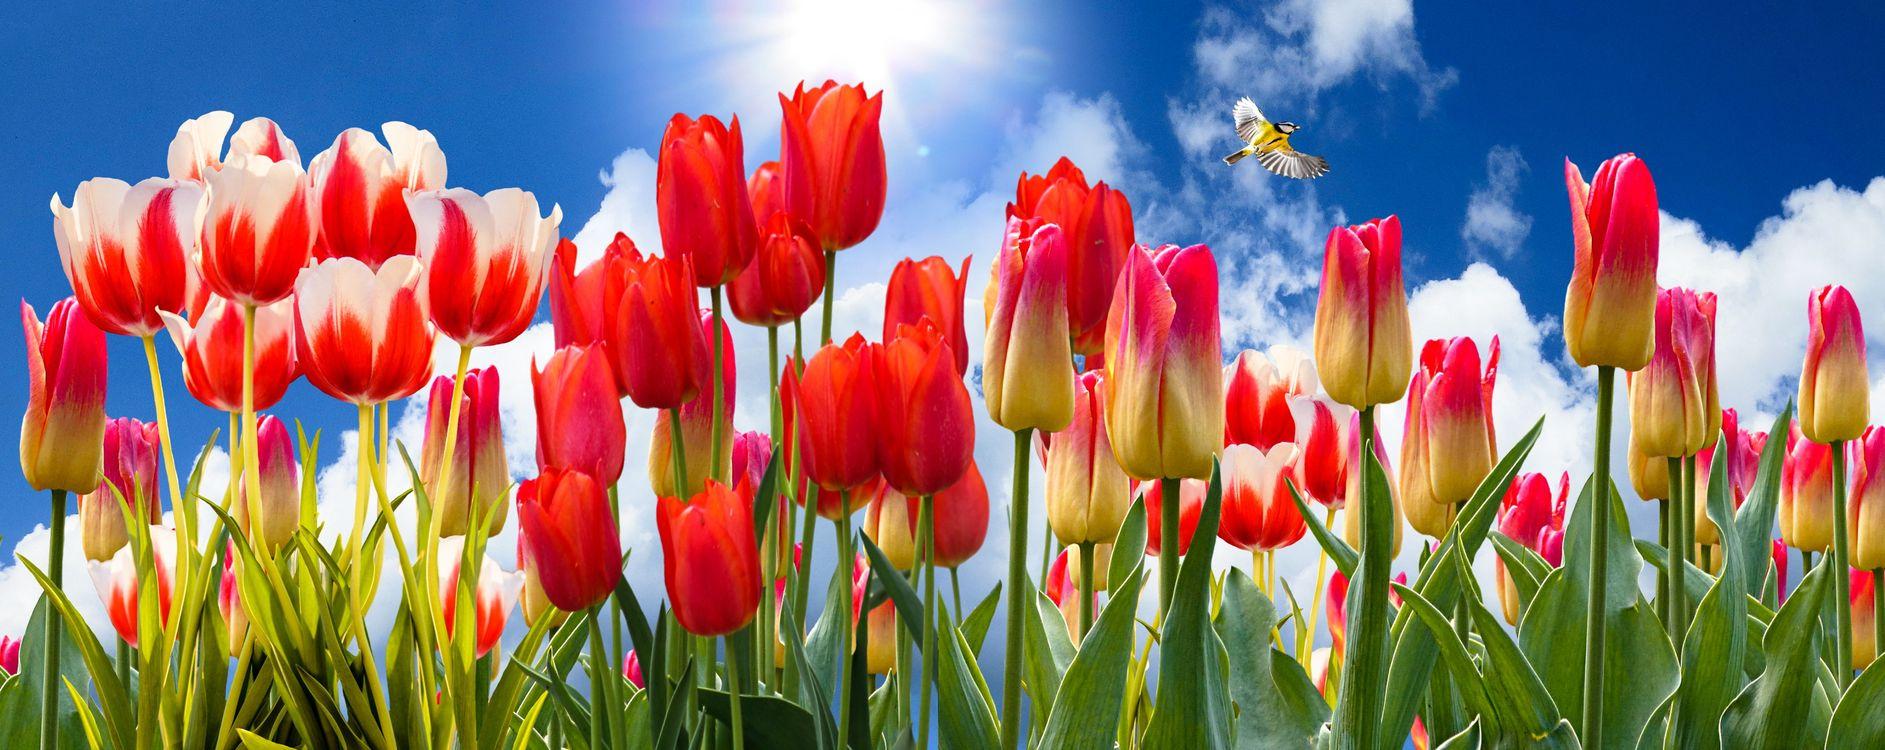 Фото бесплатно тюльпаны, птицы, панорама - на рабочий стол